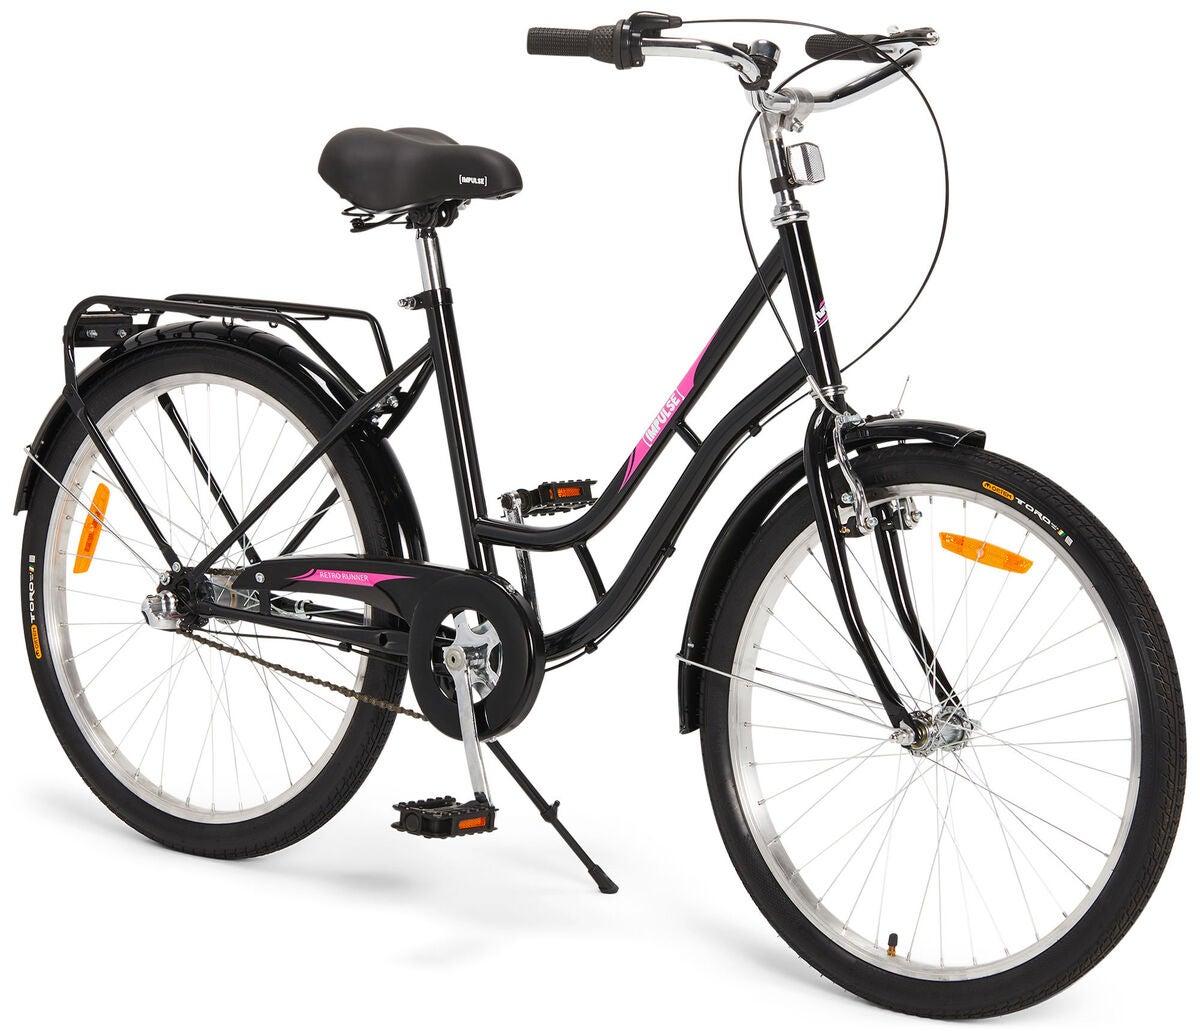 Bäst i test budgetklassen 24 tum: Impulse Autumn, billigaste barncykeln för 8-10 åringar